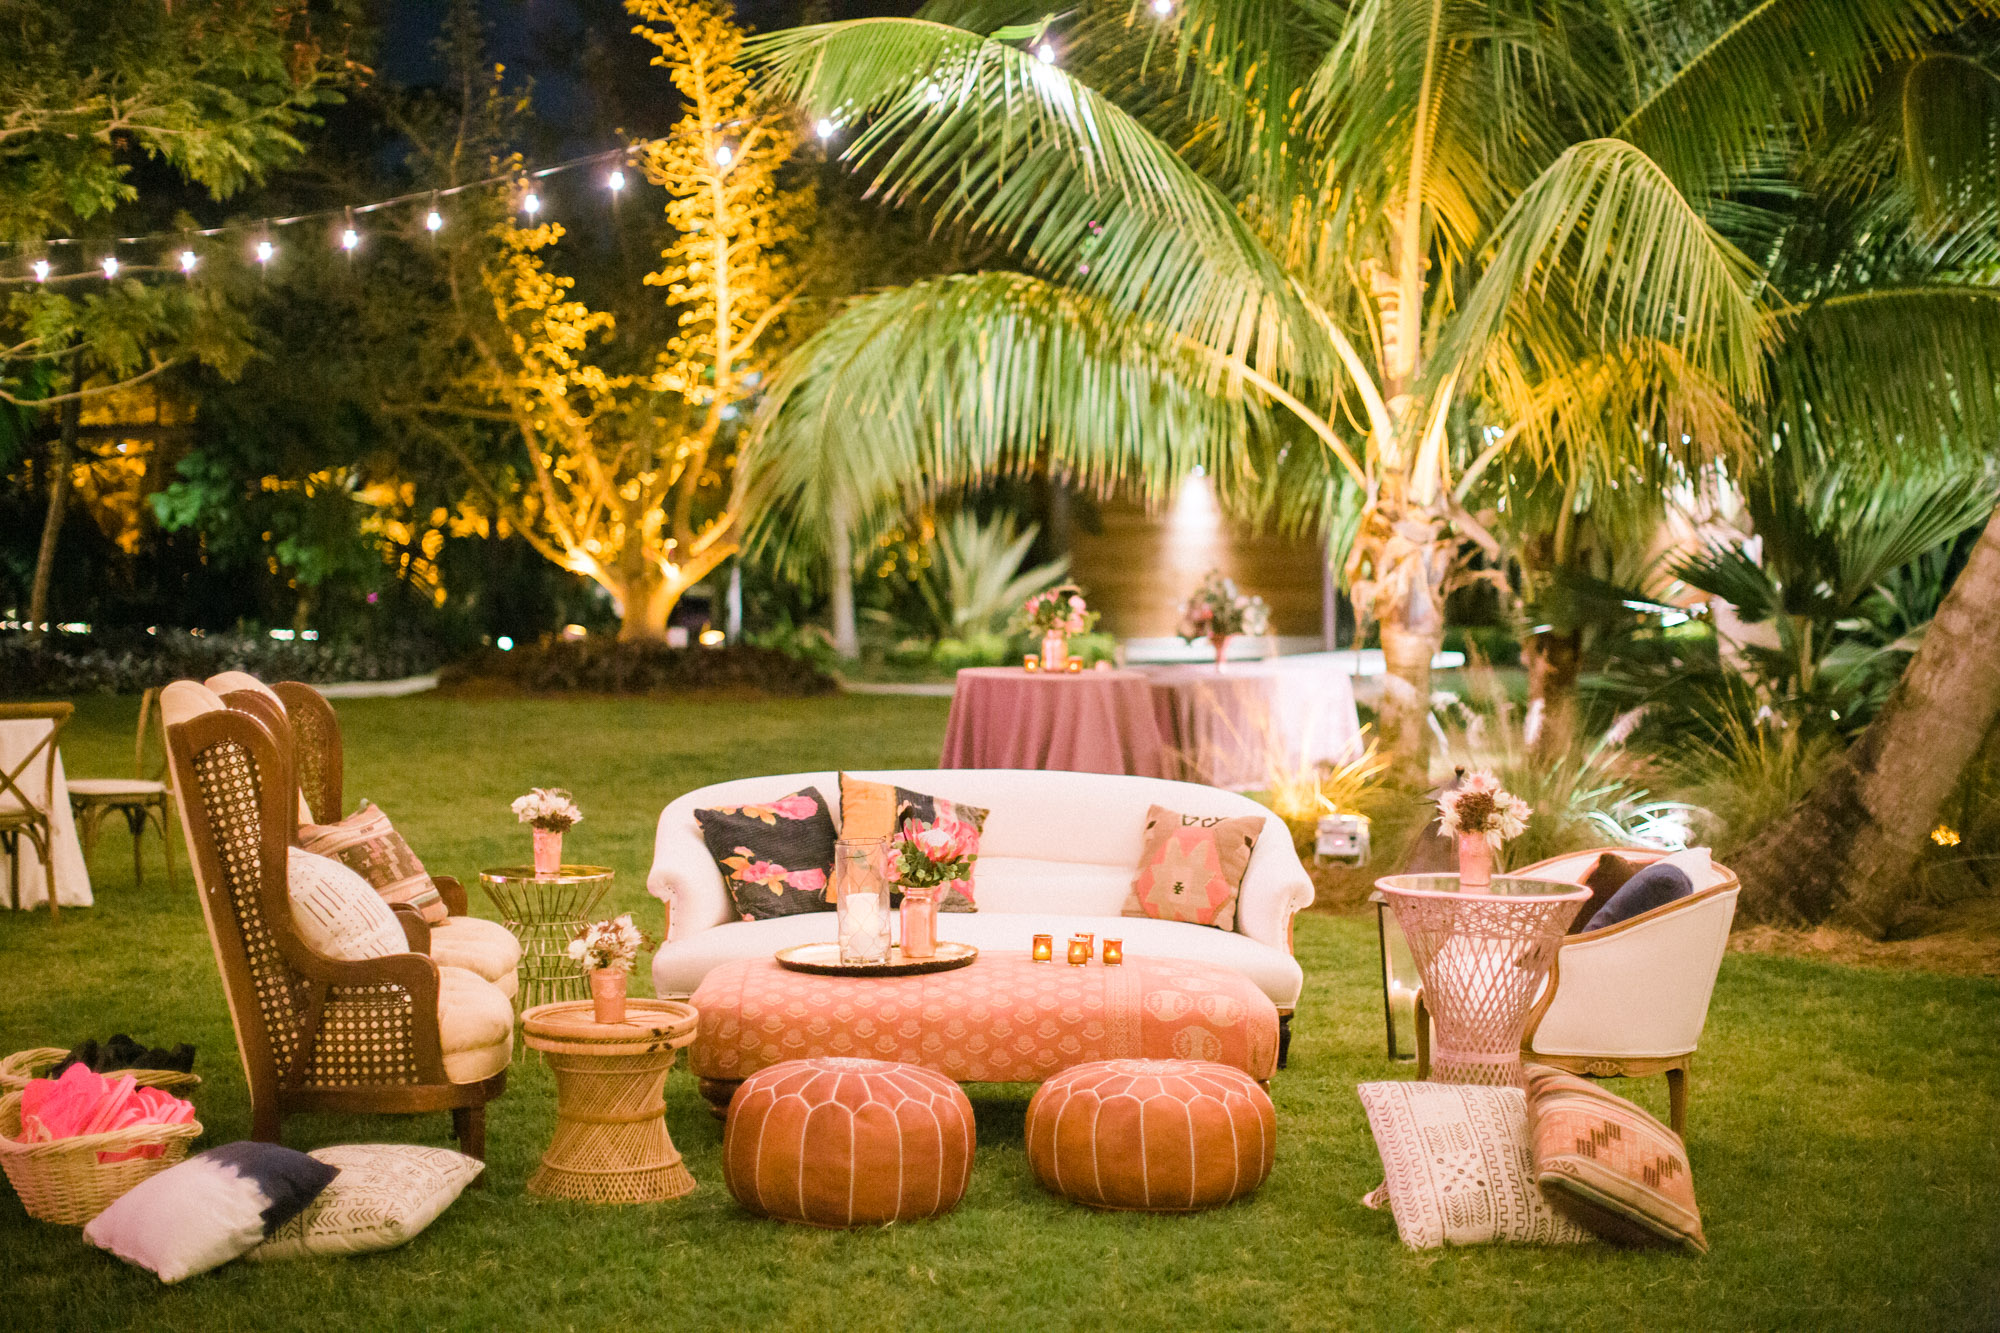 naples-botanical-garden-luxury-destination-wedding-anna-lucia-events-2633.jpg